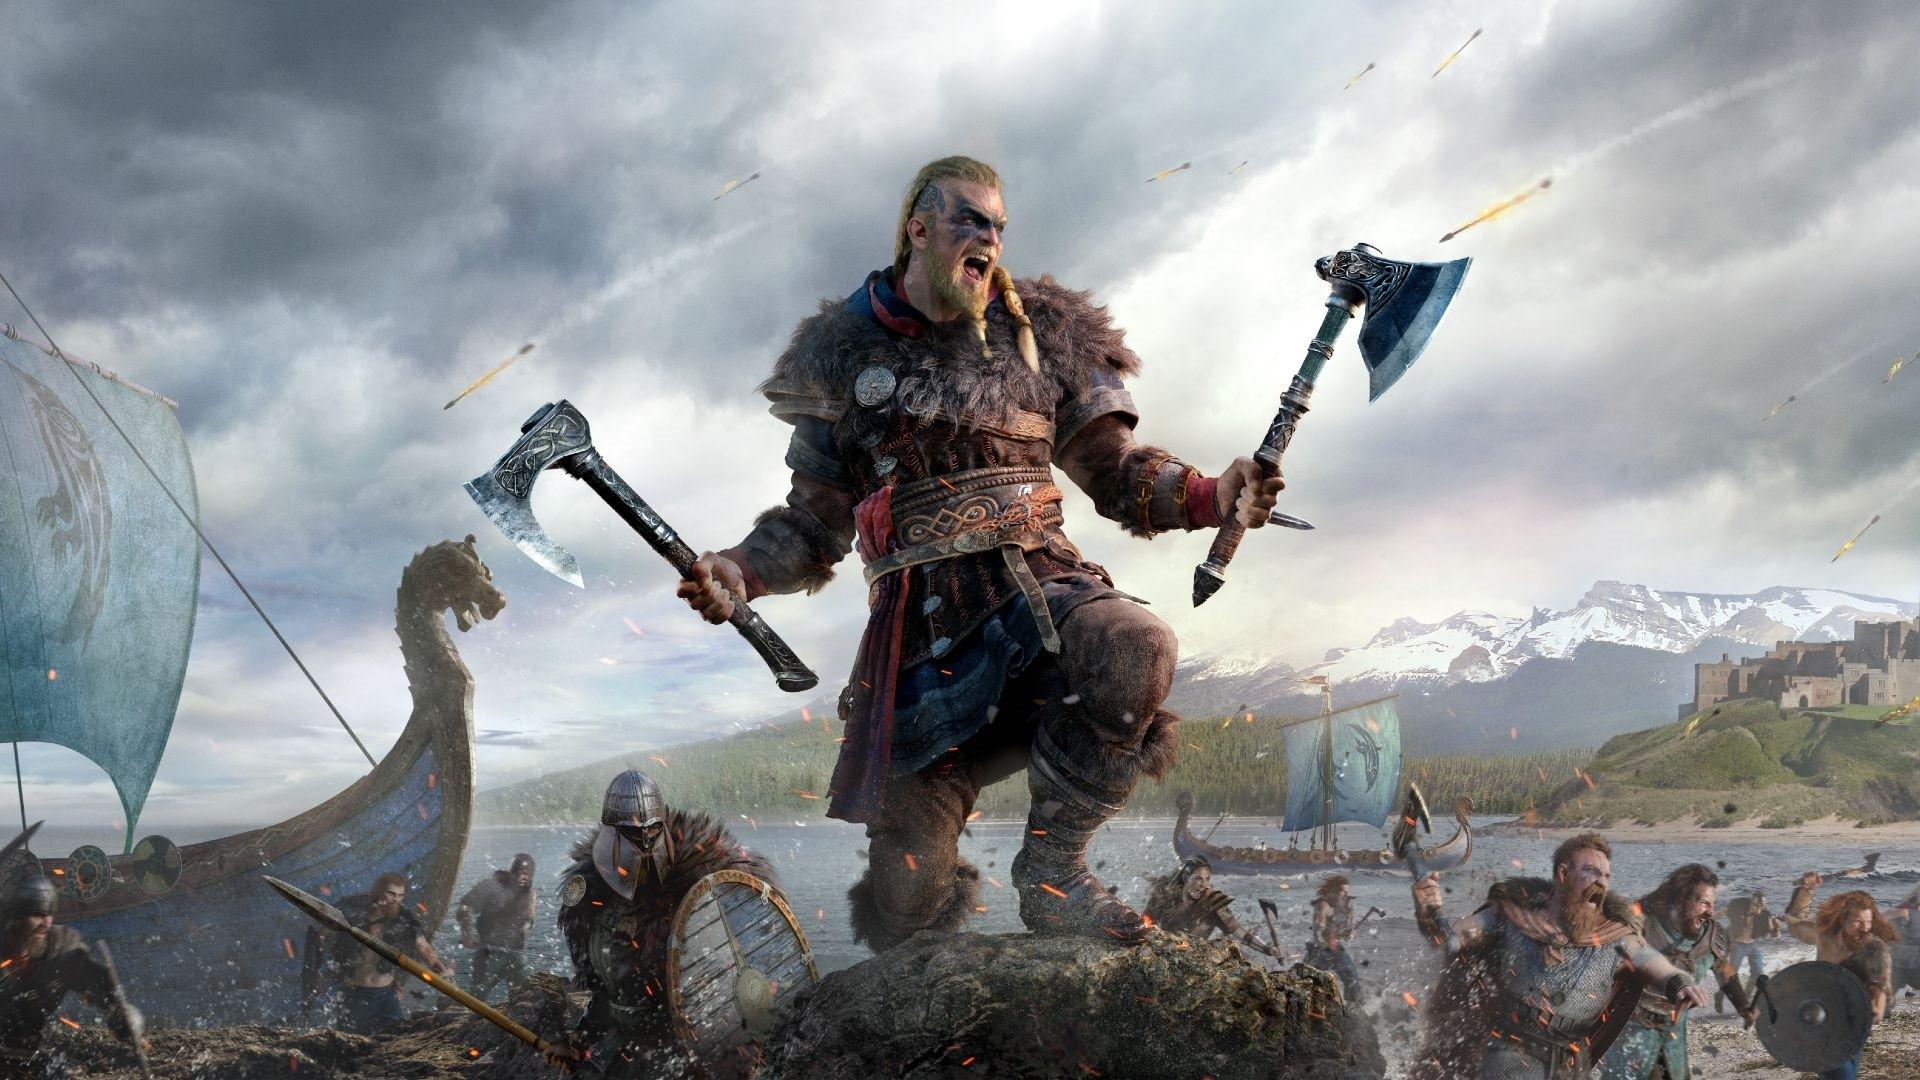 Assassins Creed Valhalla HD Wallpaper